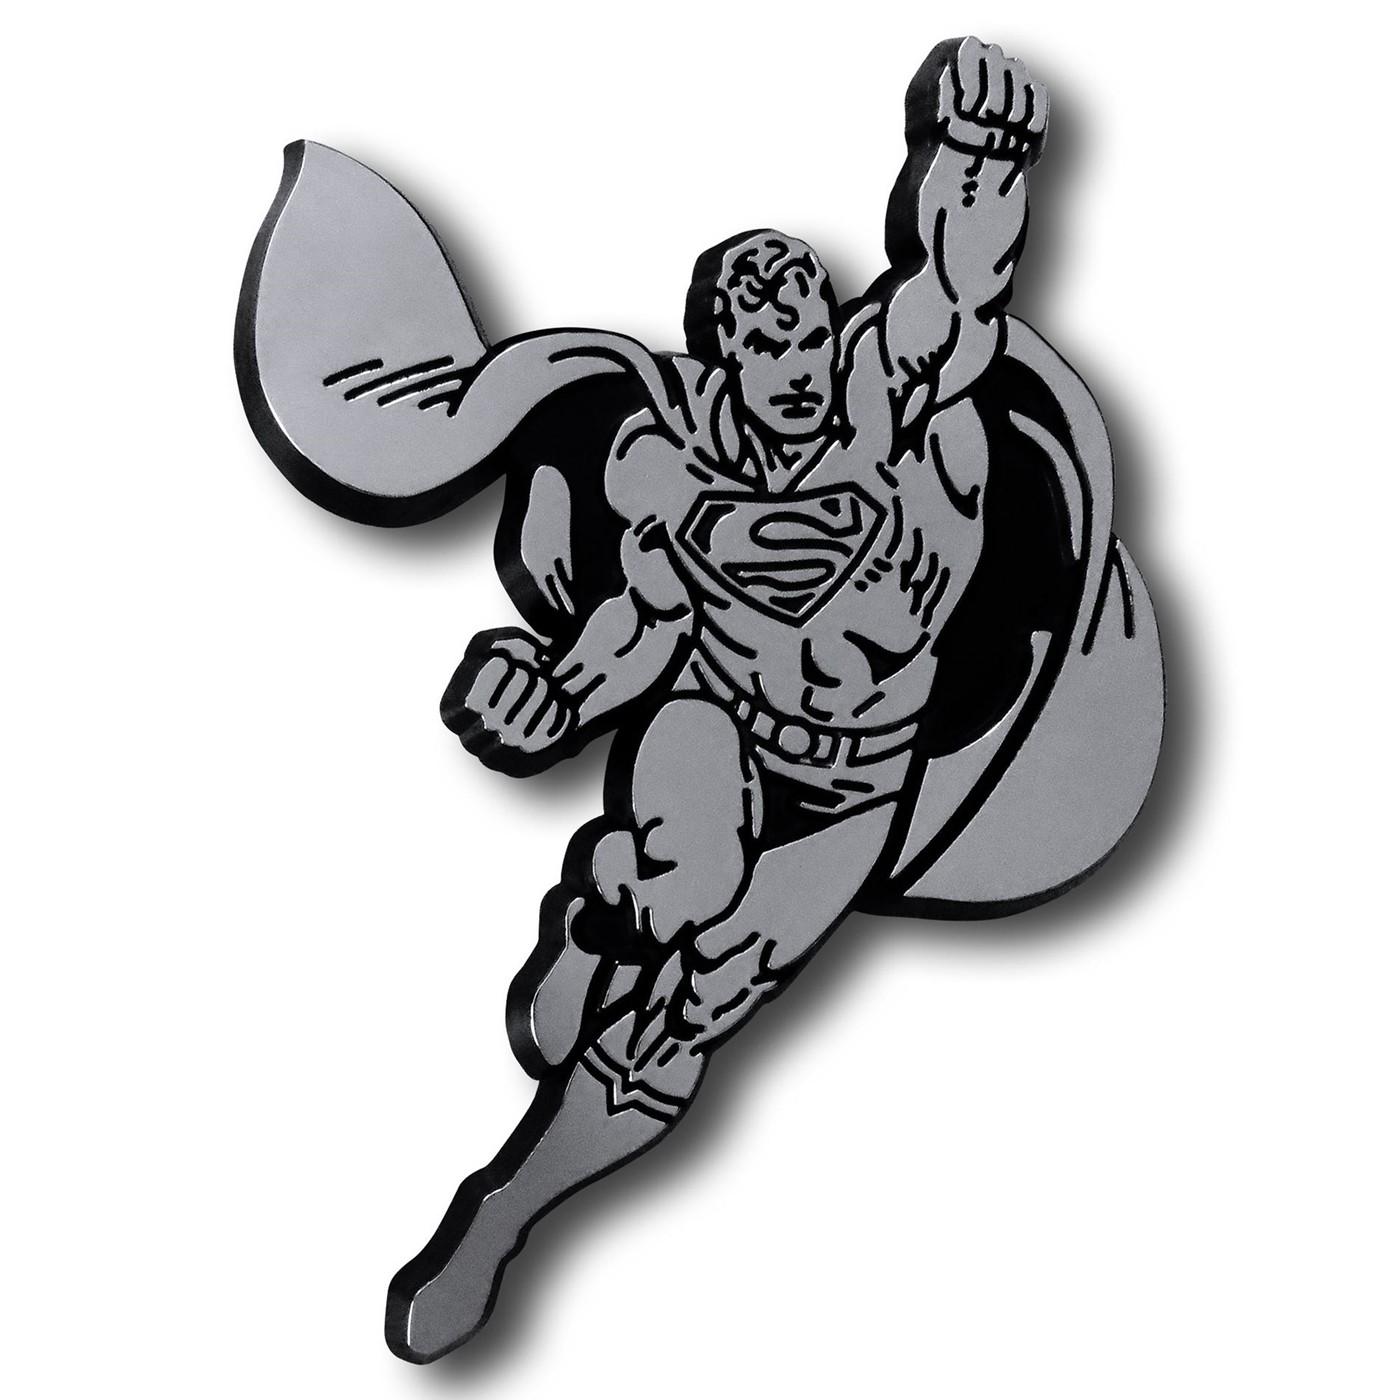 Superman Flying 3D Plastic Car Emblem